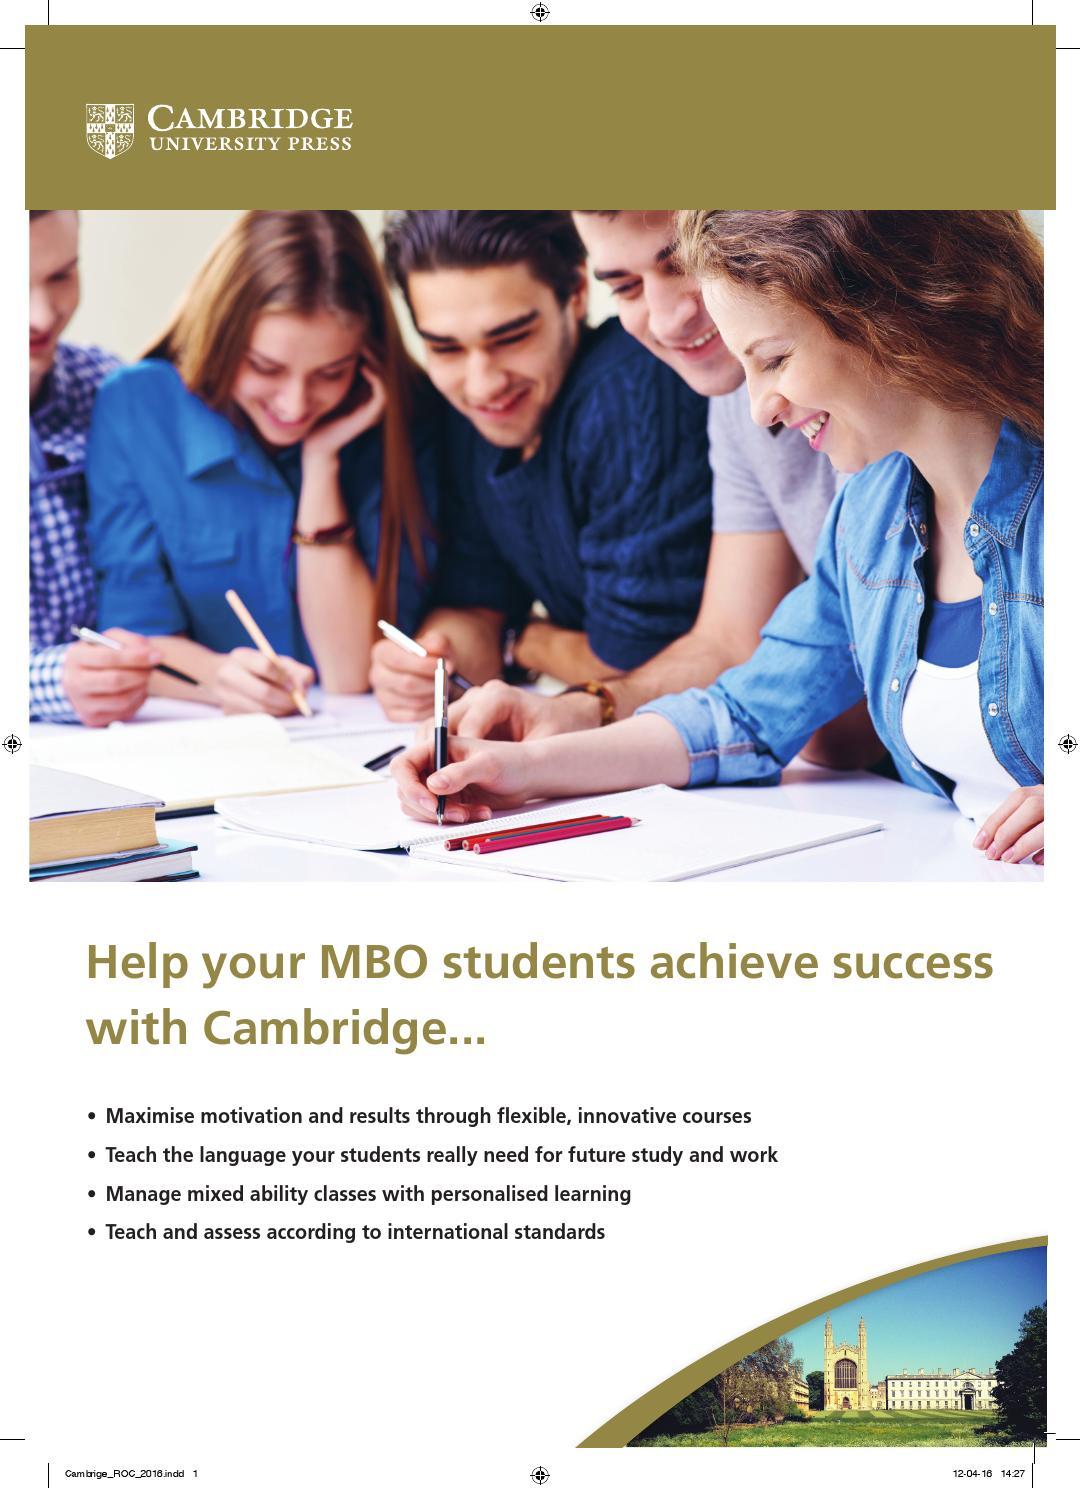 Cambridge mbo brochure by cambridge university press benelux issuu fandeluxe Choice Image